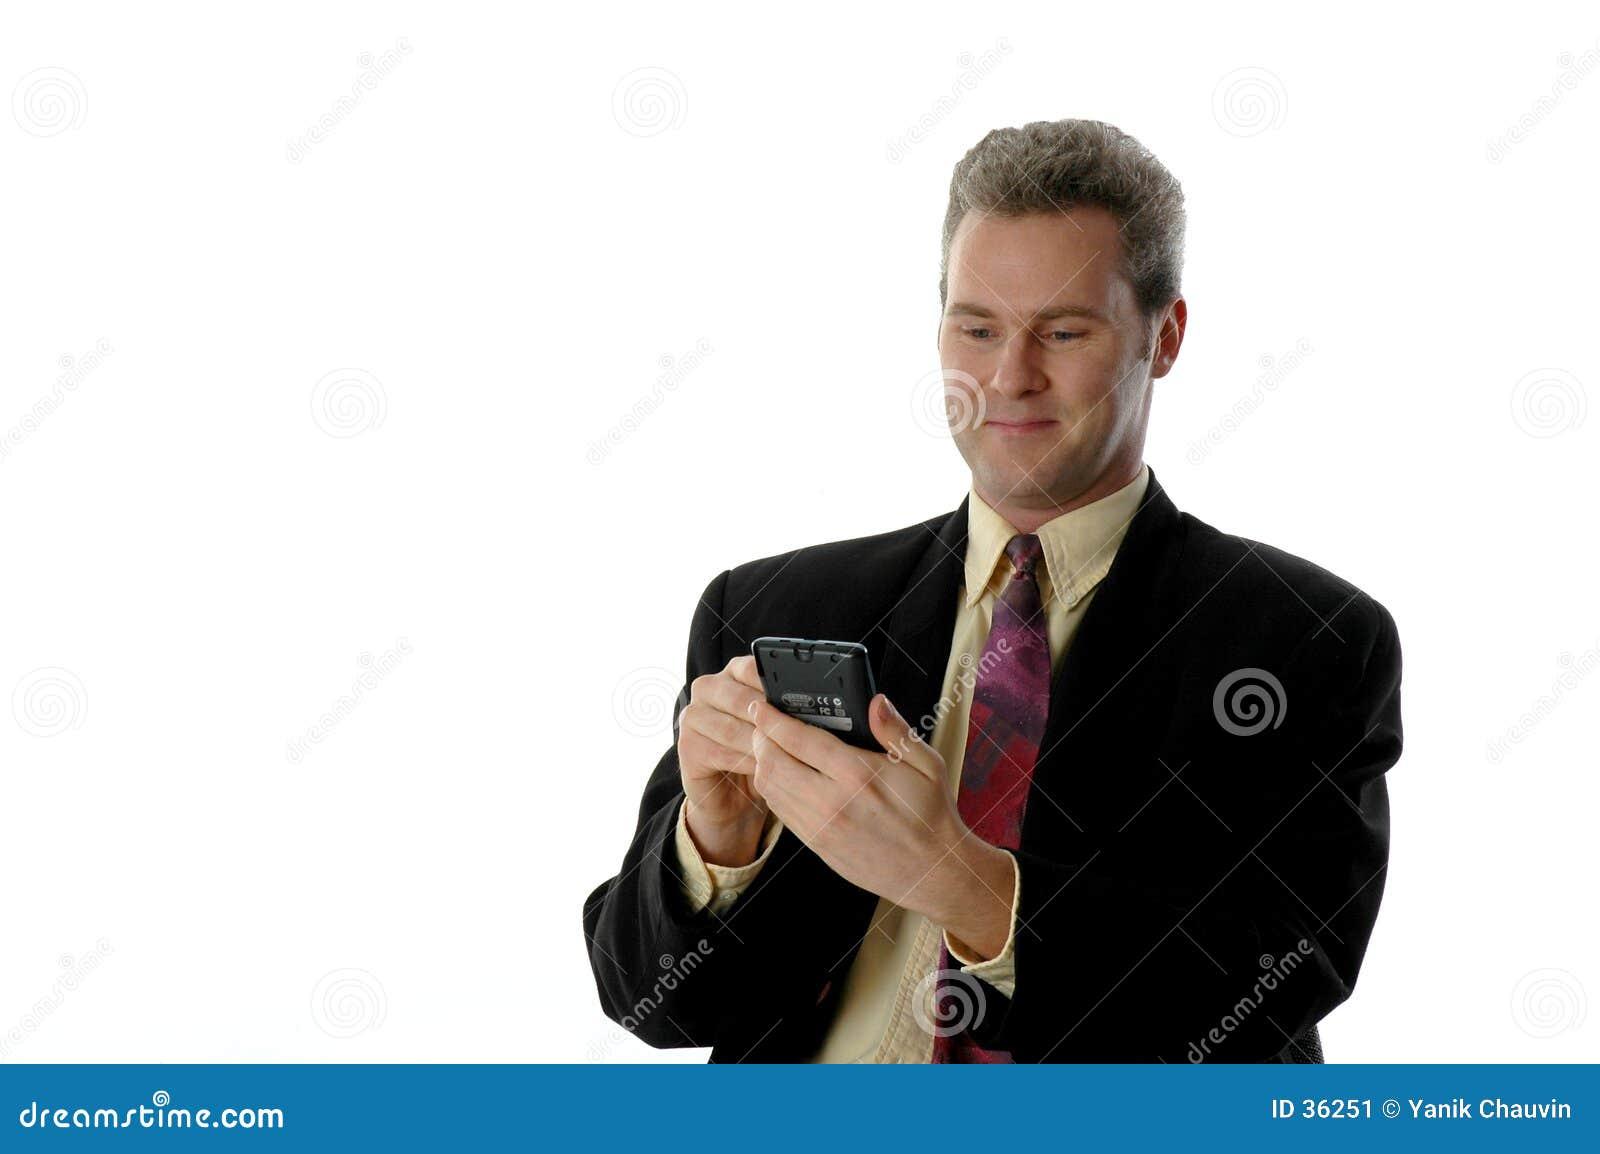 Smiling PDA man